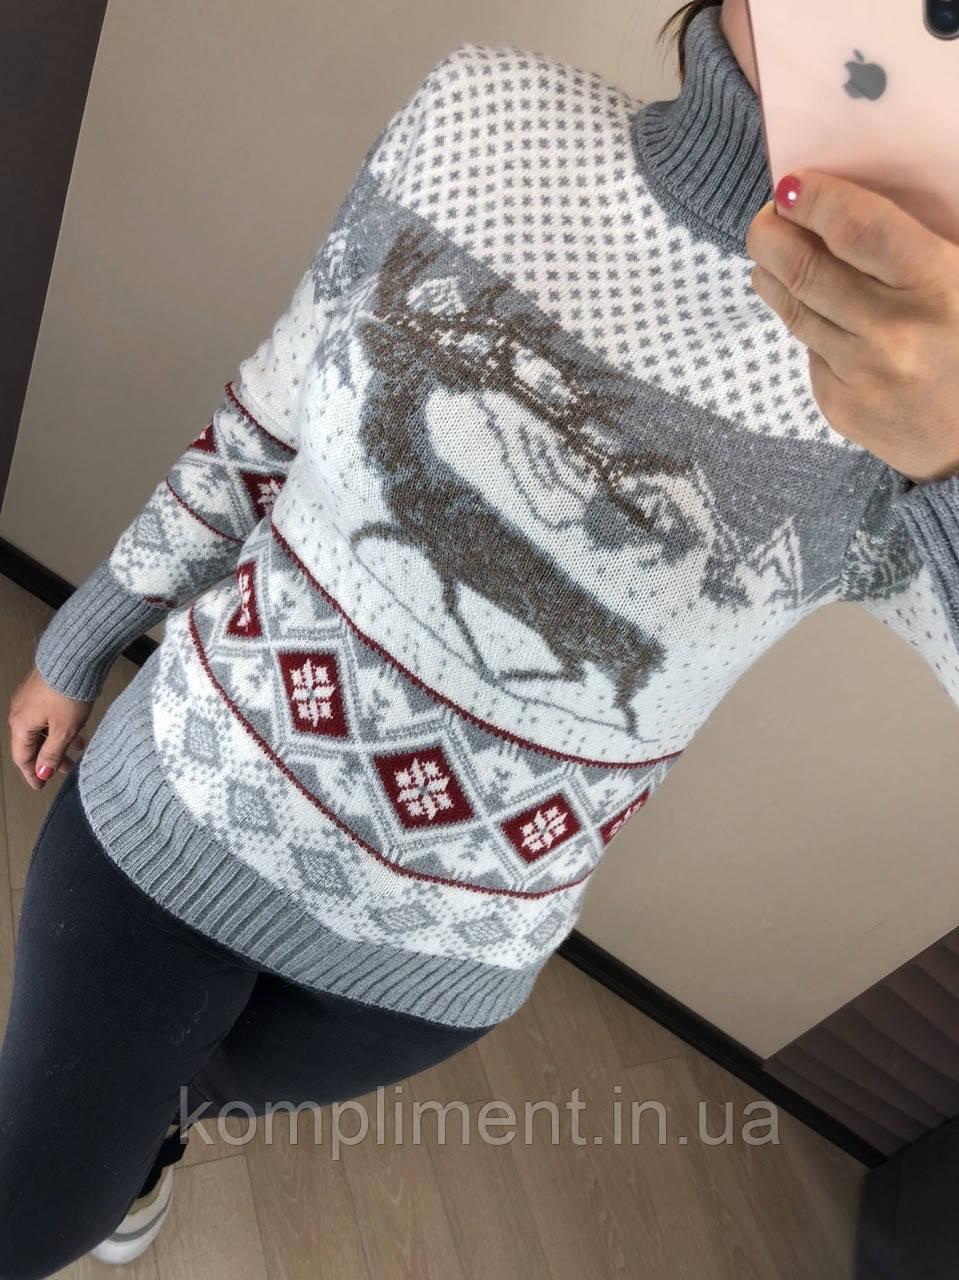 Шерстяной турецкий вязаный свитер с рисунком, светло серый